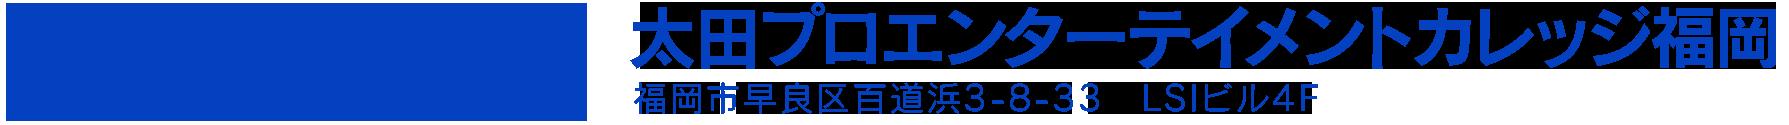 太田プロエンタテイメント学院福岡校